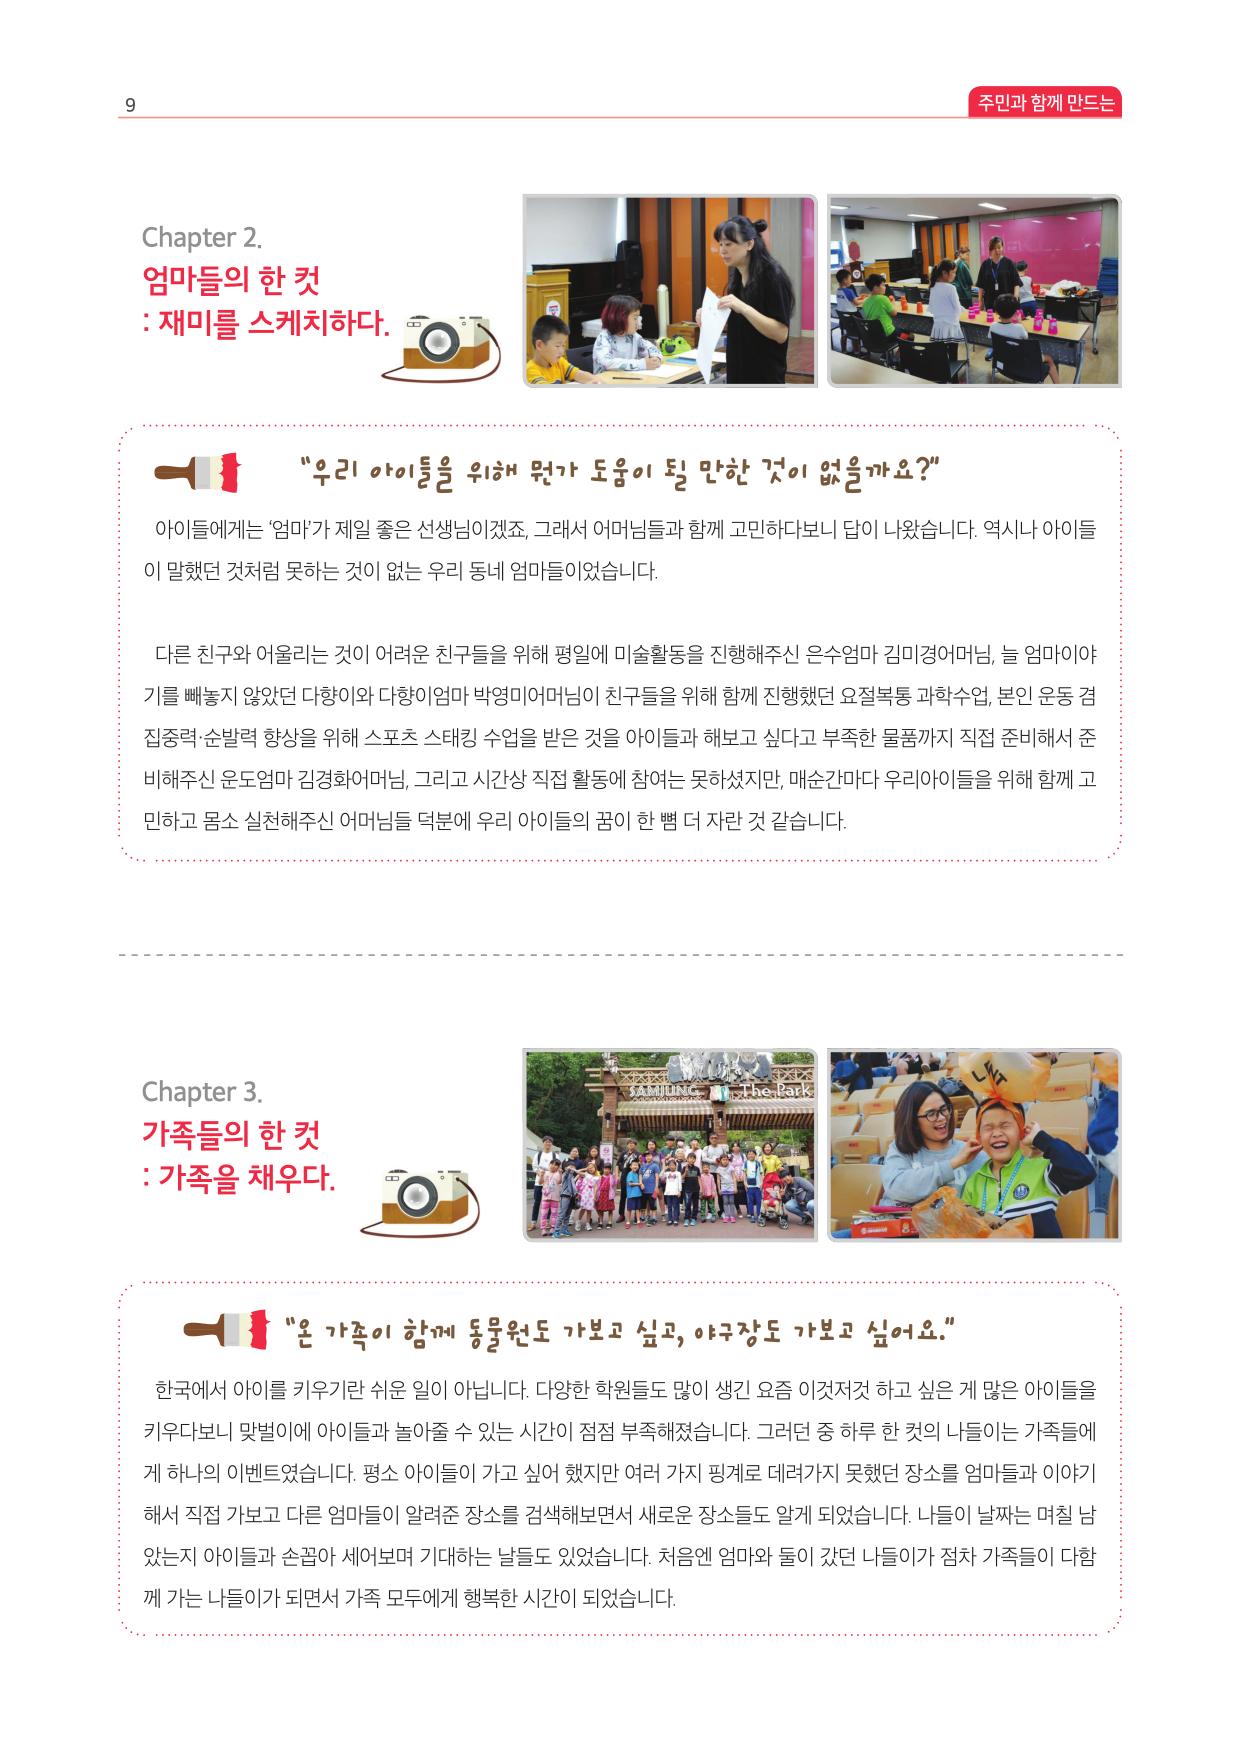 반송종합사회복지관연간소식지(2017)-09.jpg